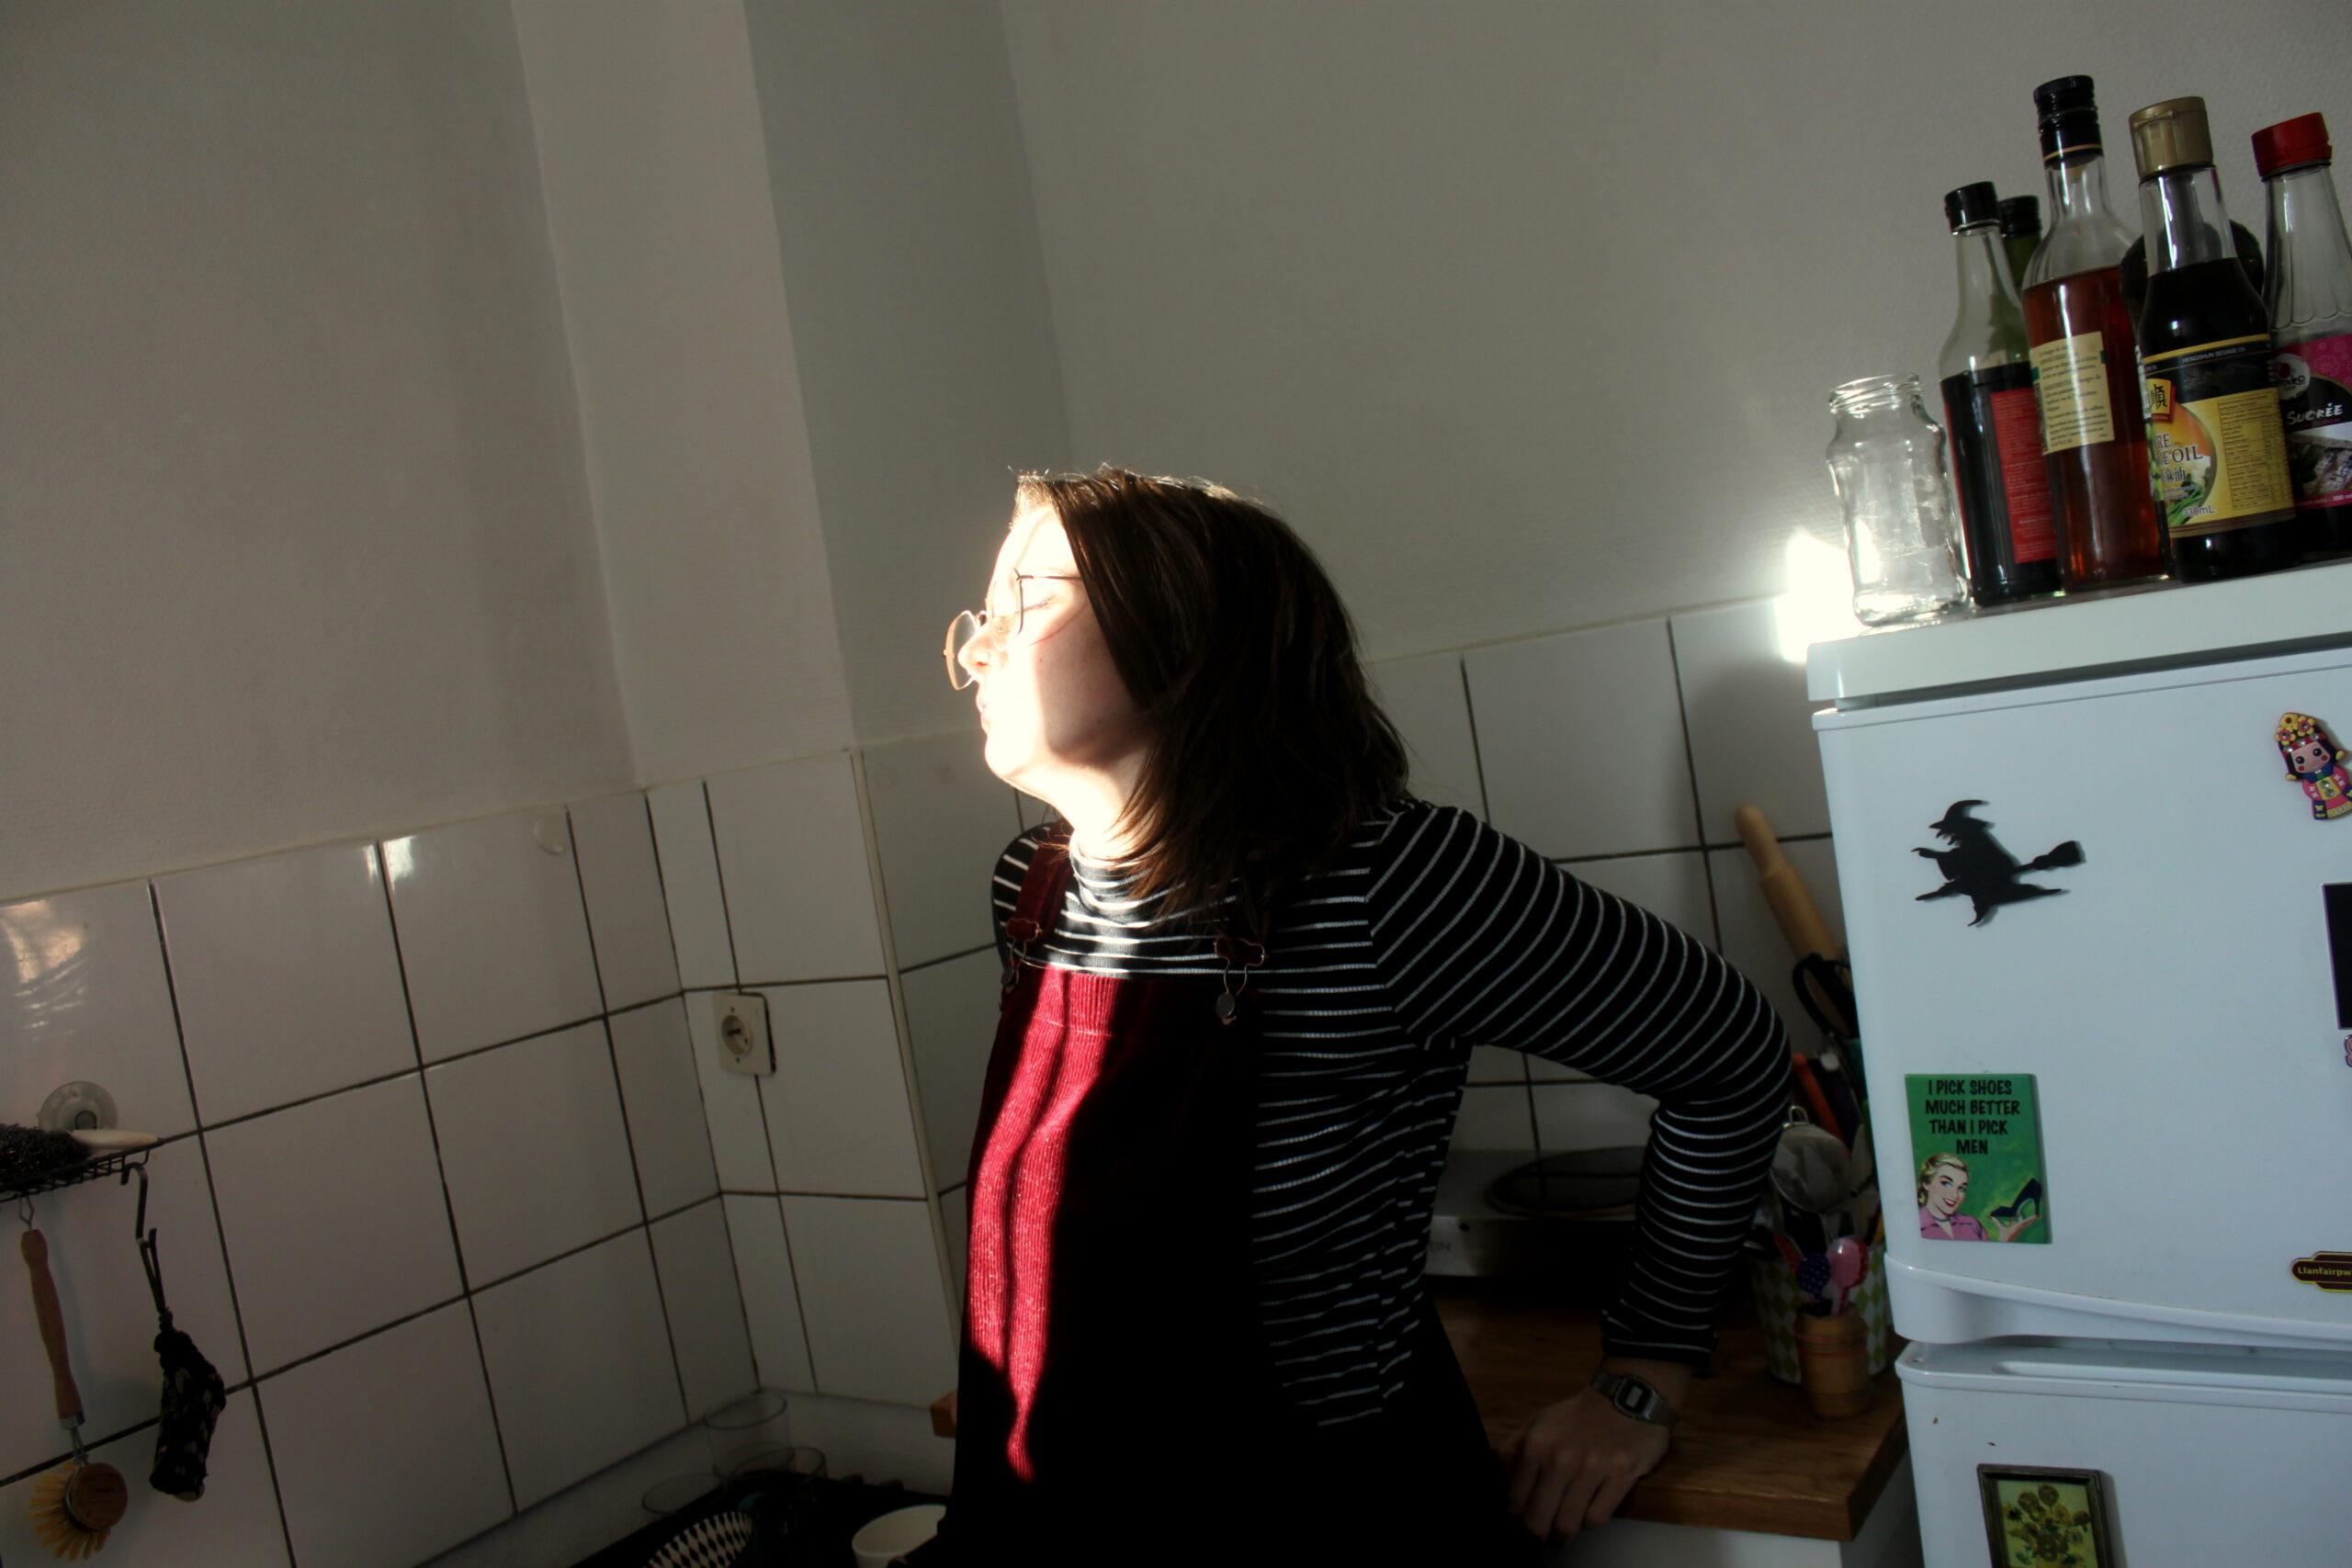 Nina prend le soleil dans sa cuisine, adossée sur un meuble. C'est une petite pause qu'elle s'accorde dans la journée.